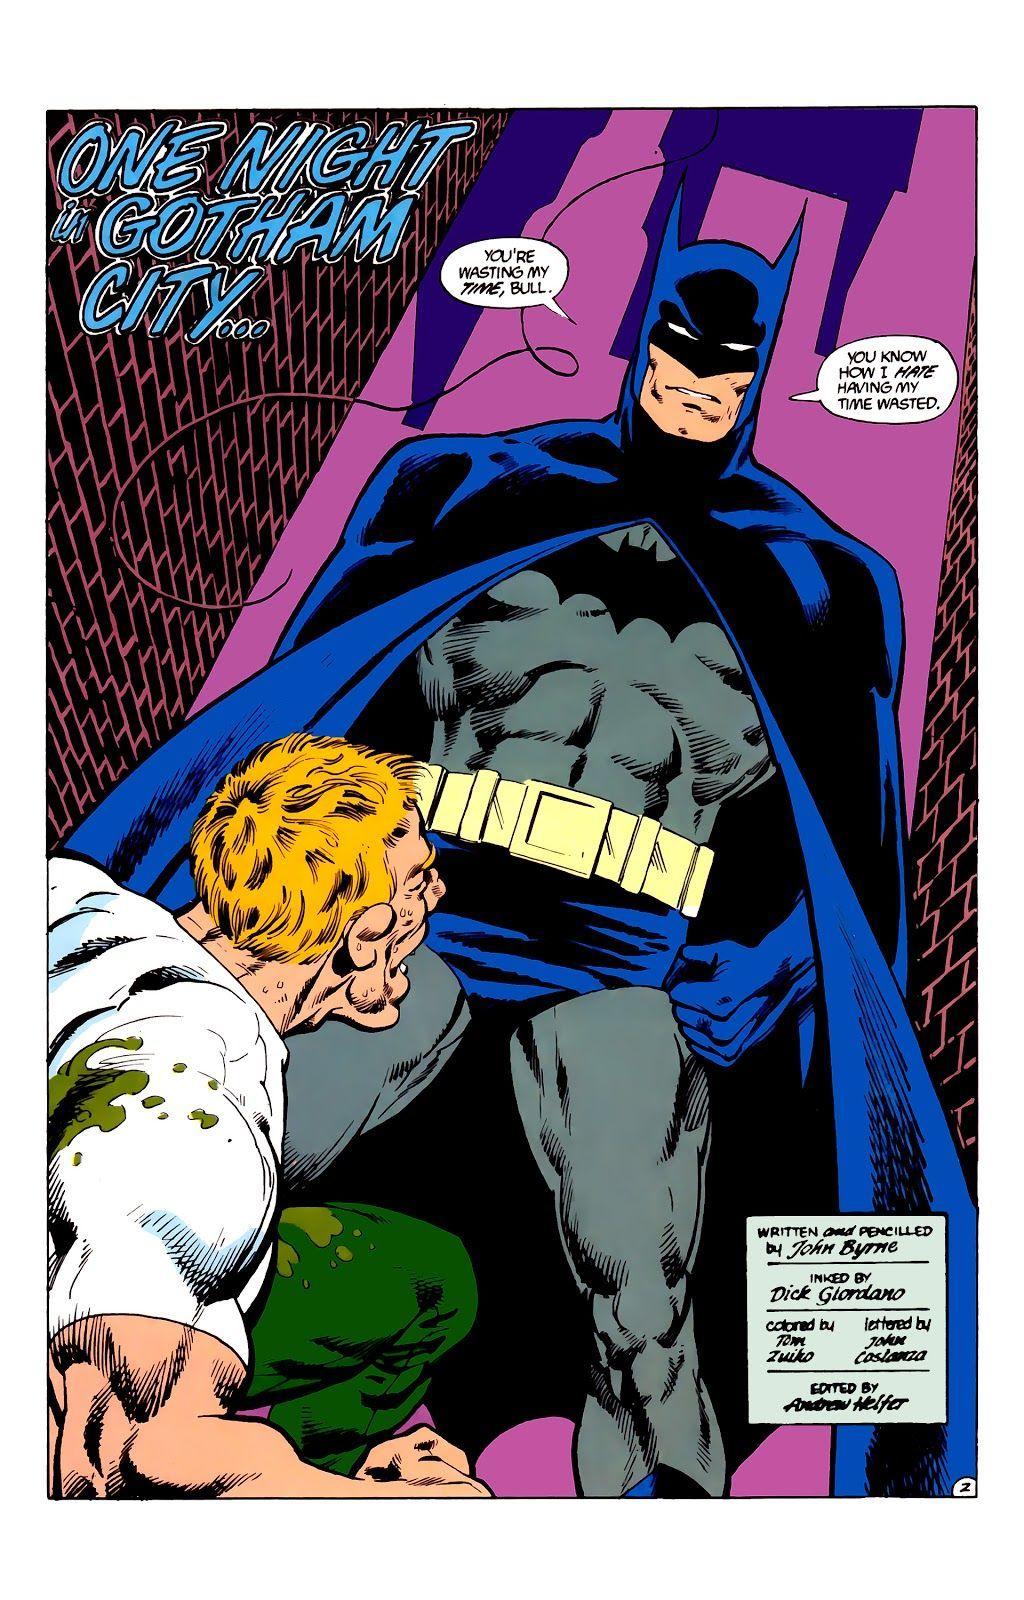 Man of Steel #3 (Writer: John Byrne, Artists: John Byrne)